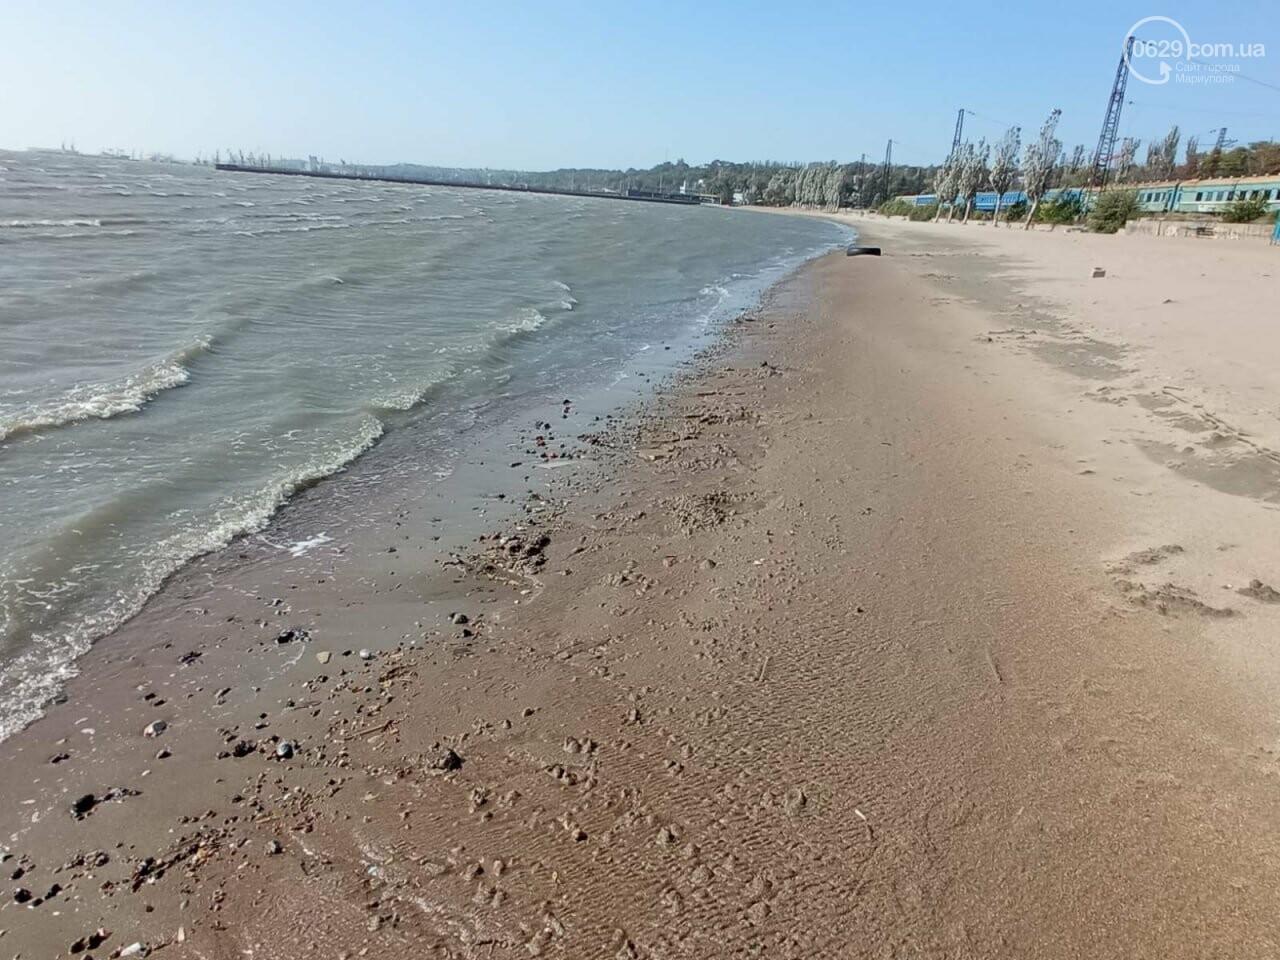 В Мариуполе море оголило дно, - ФОТОРЕПОРТАЖ, фото-1